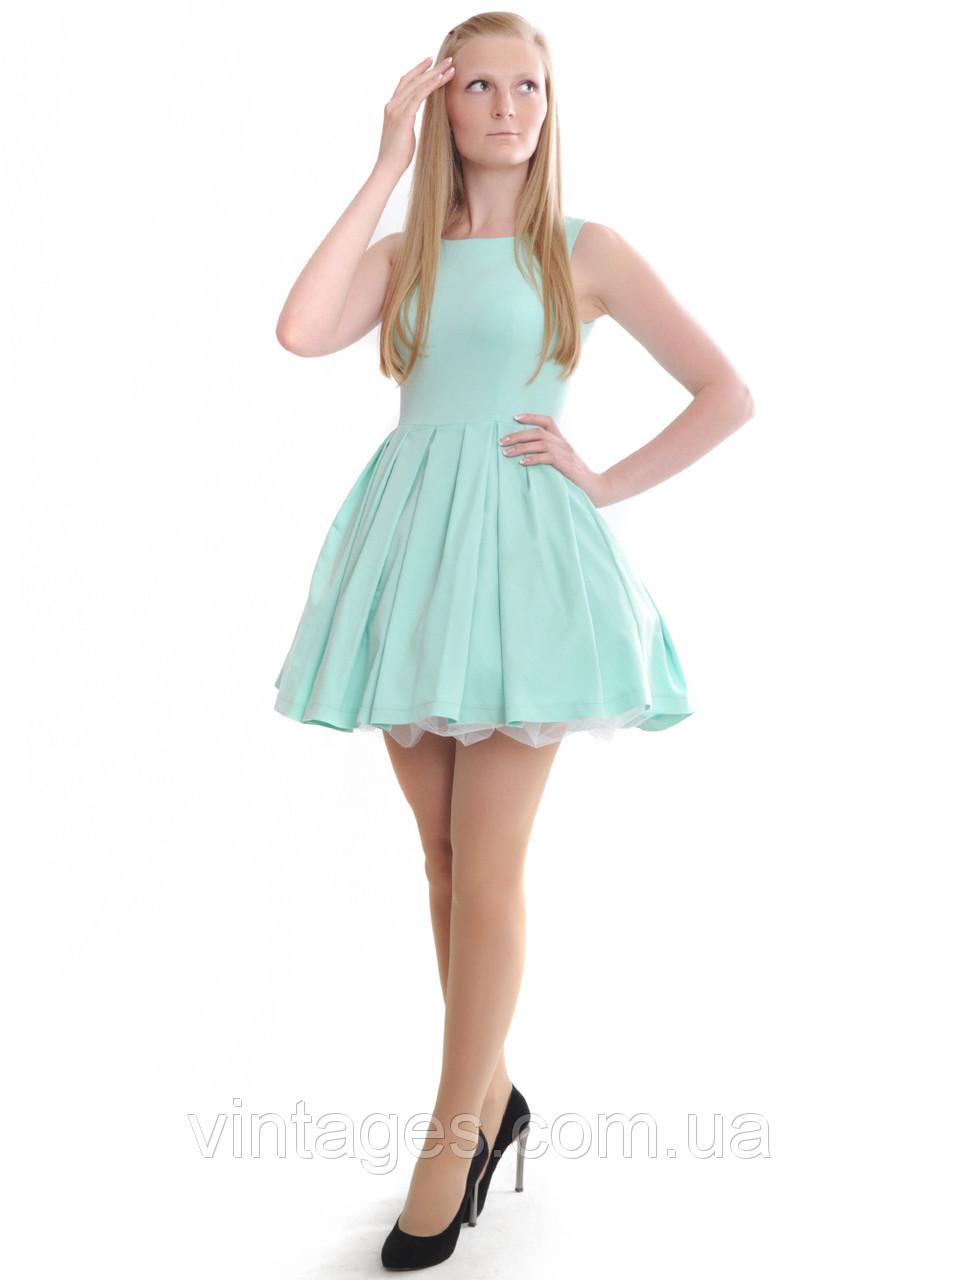 белорусские платья и костюмы ника